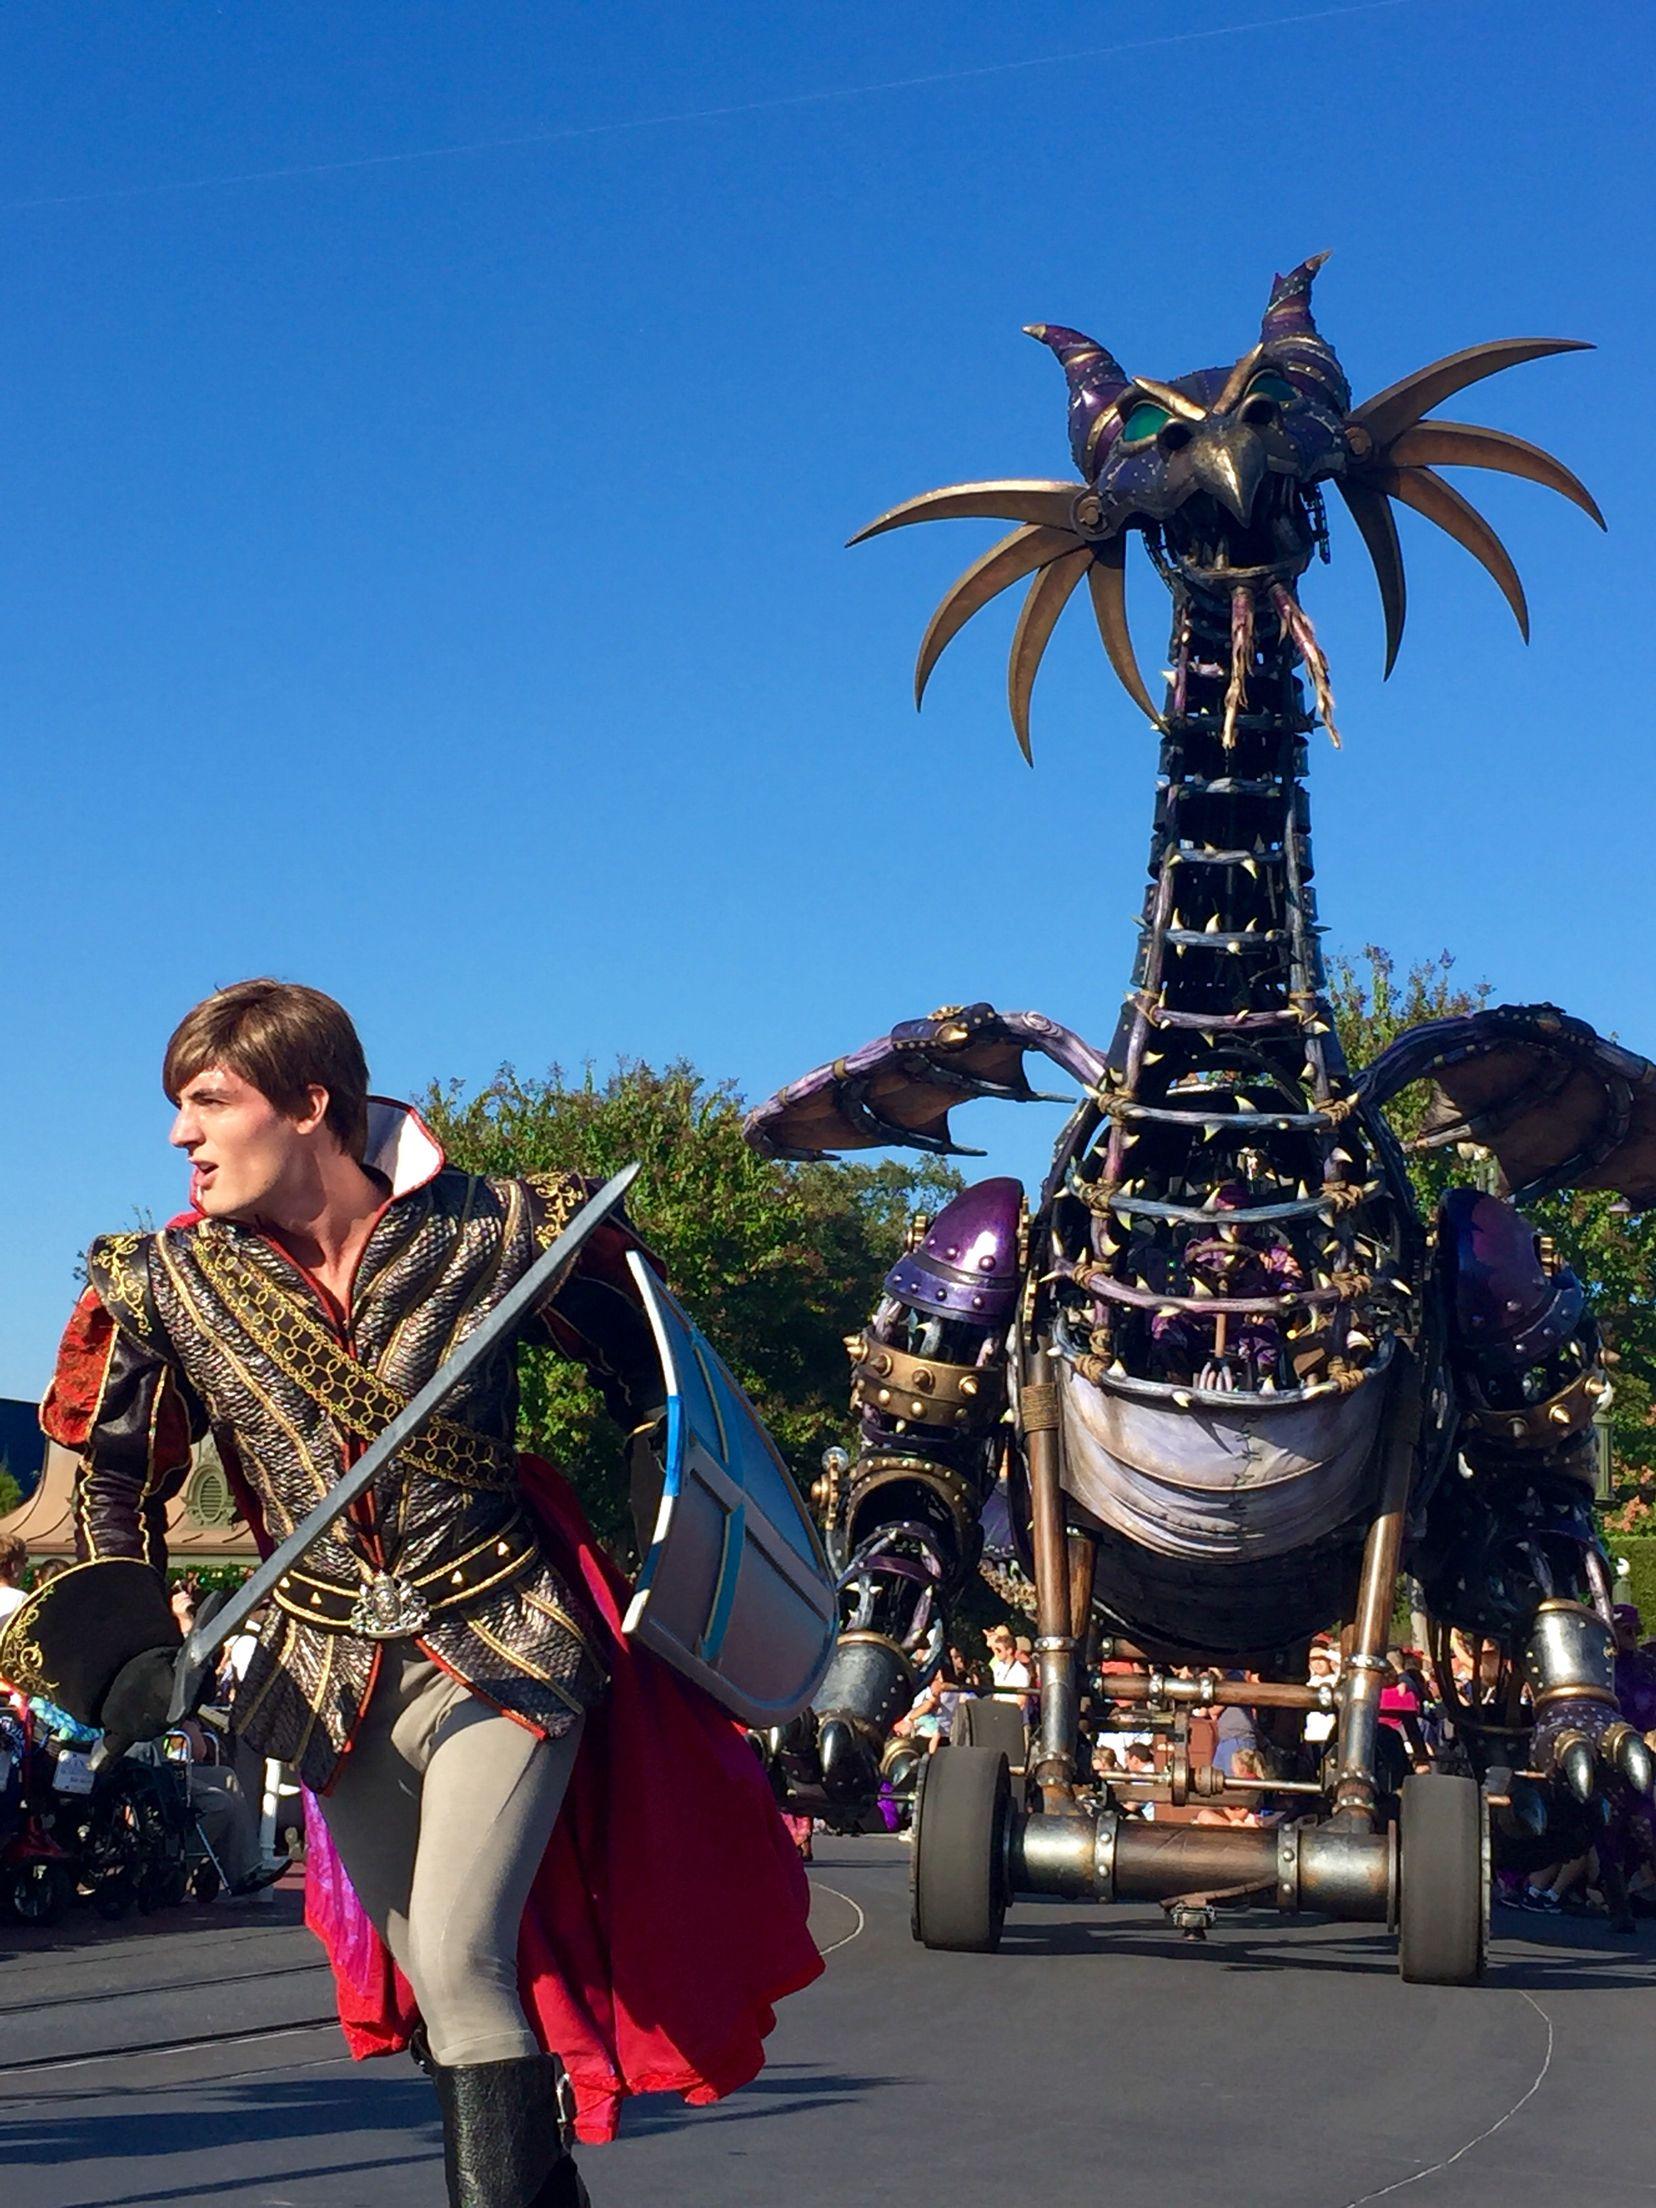 Prince phillip and maleficent dragon festival of fantasy parade prince phillip and maleficent dragon festival of fantasy parade walt disney world m4hsunfo